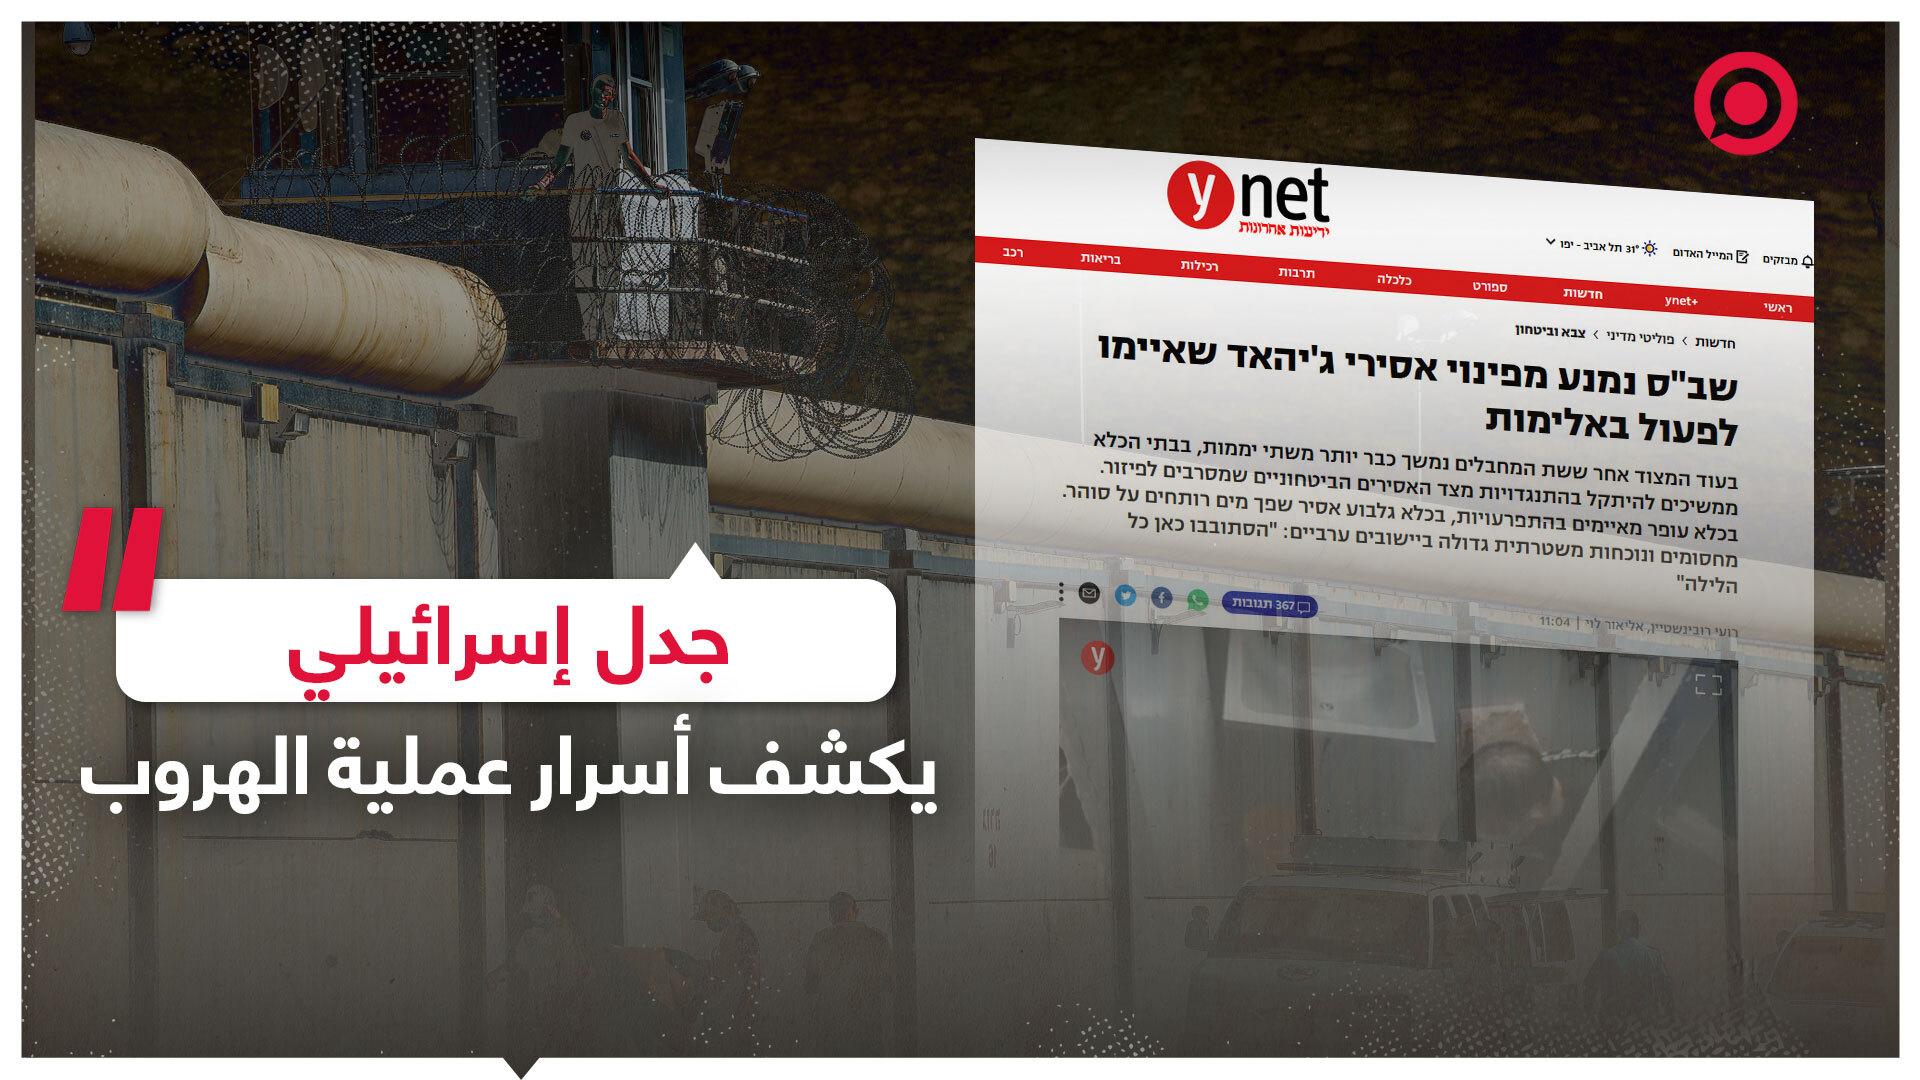 جدل إسرائيلي يكشف أسرار عملية الهروب